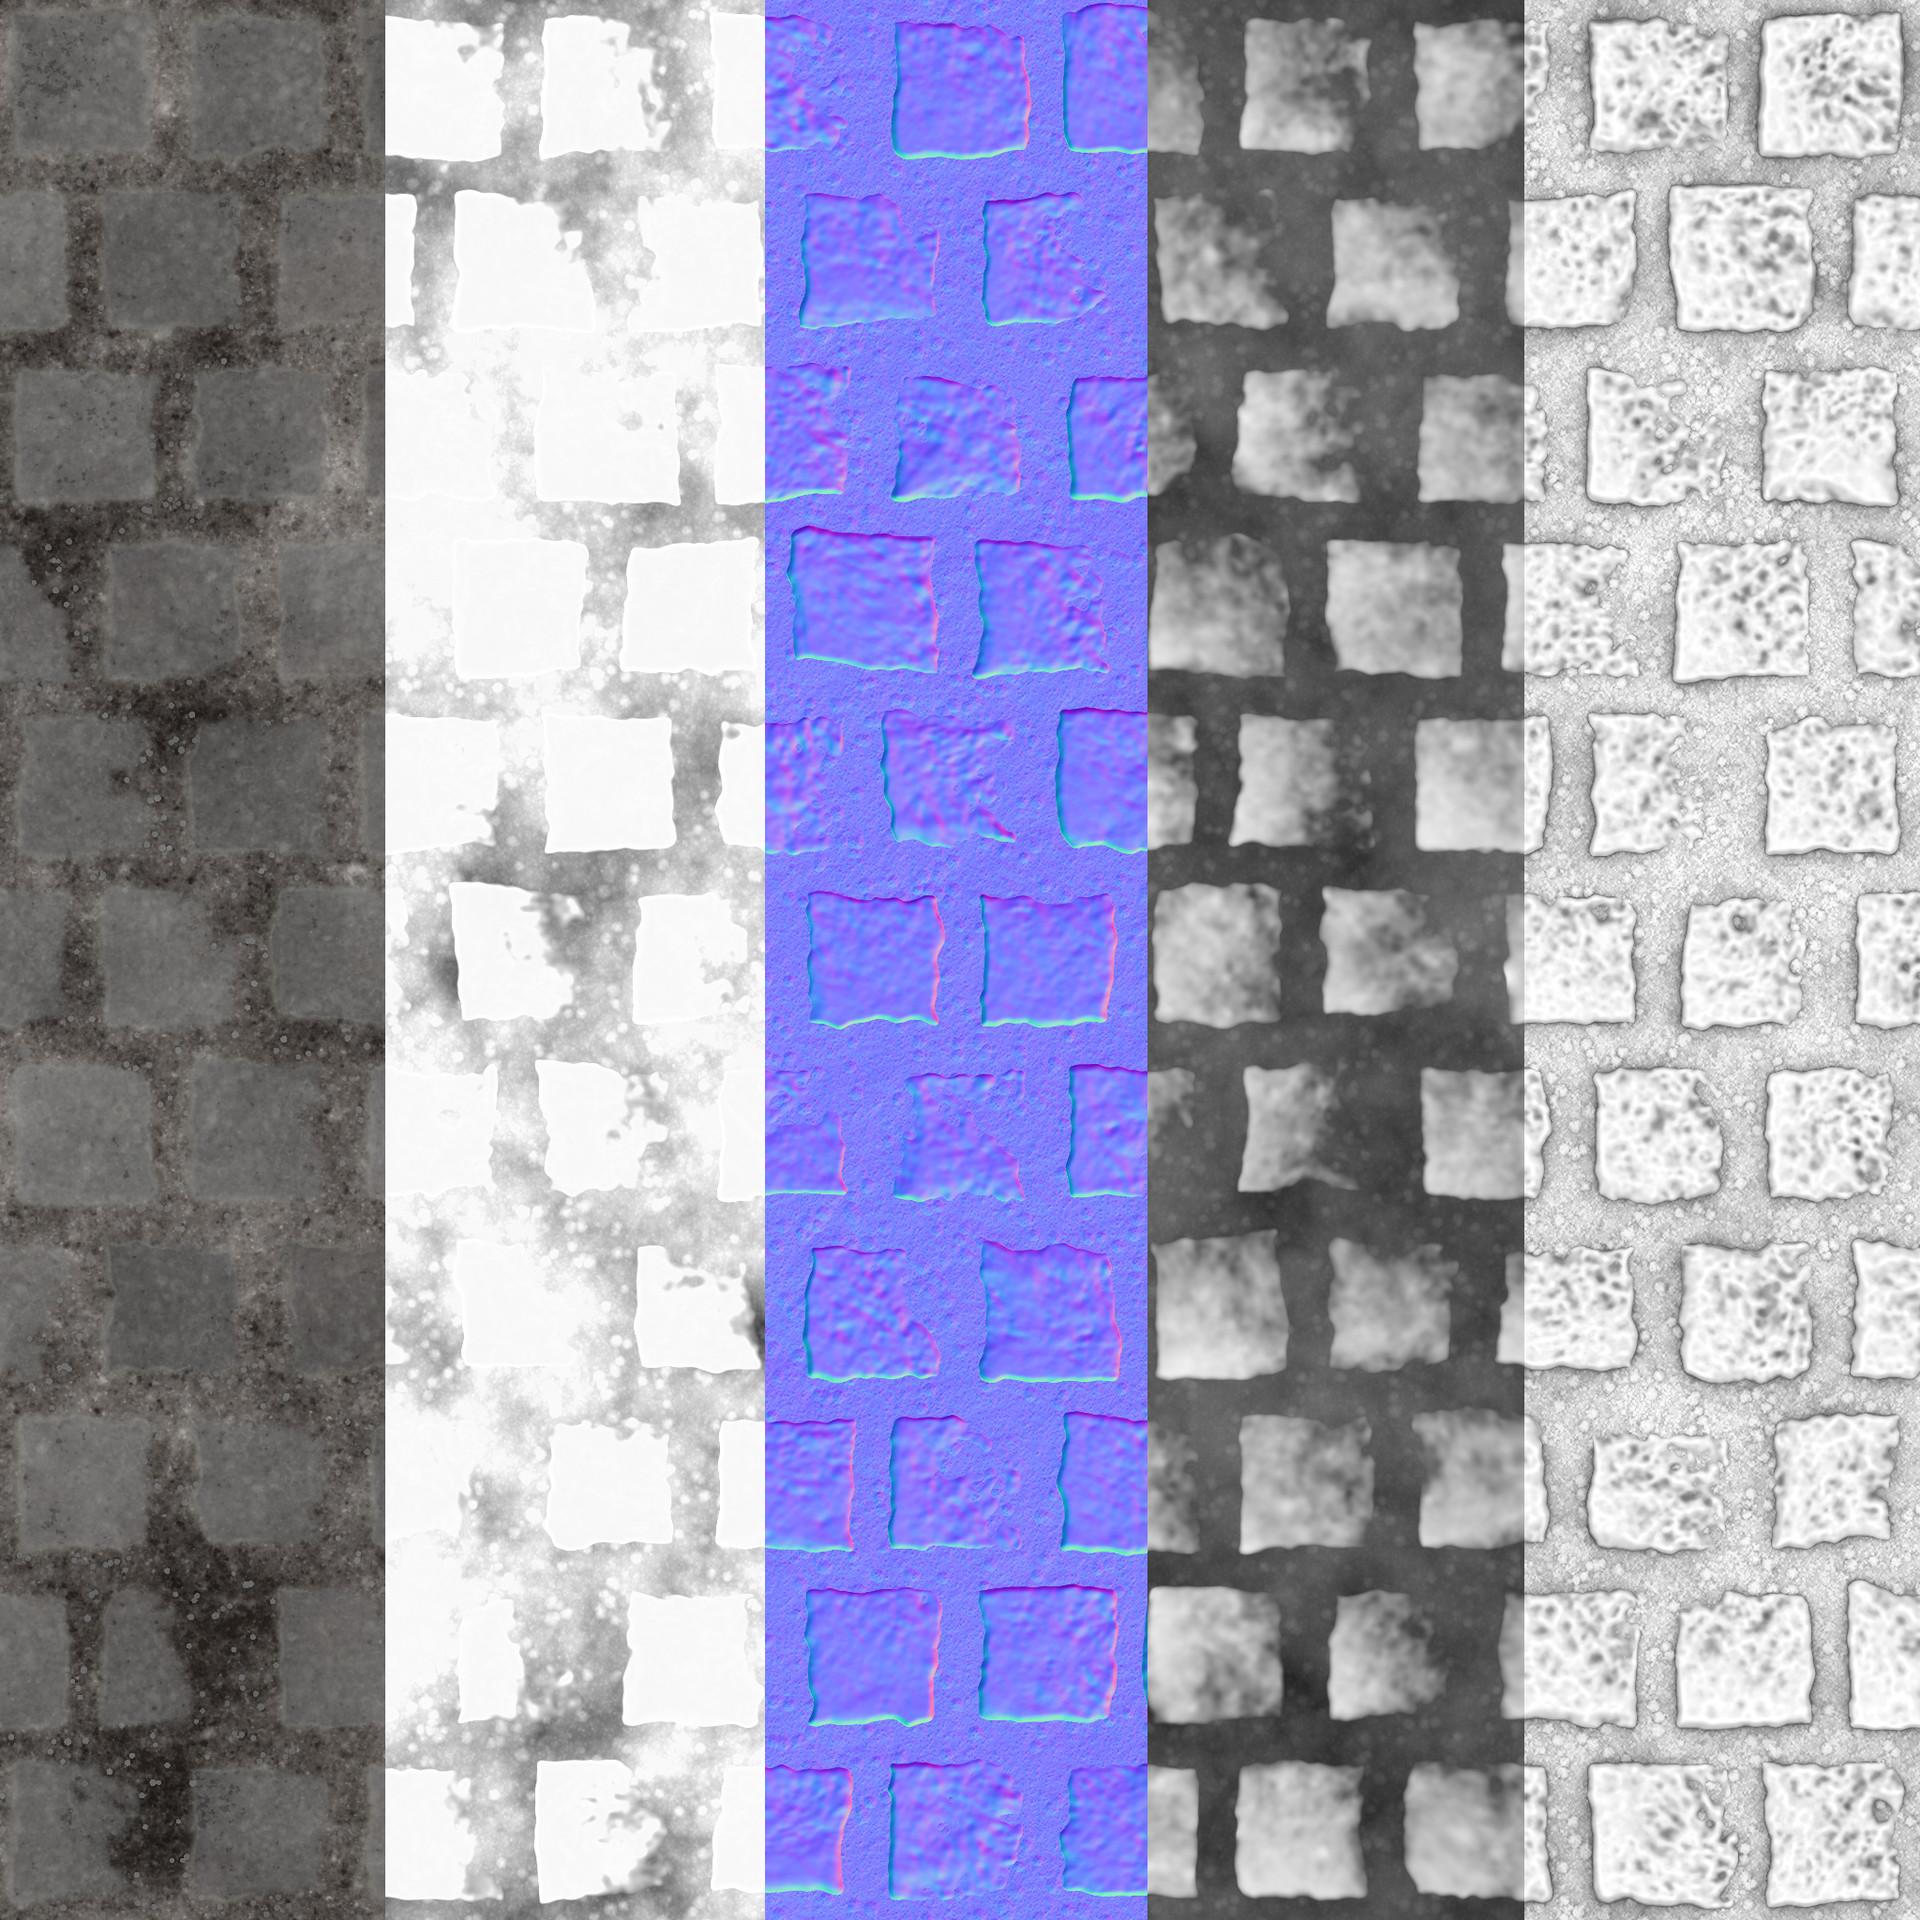 Vinicius hernandes cobblestone basecolor